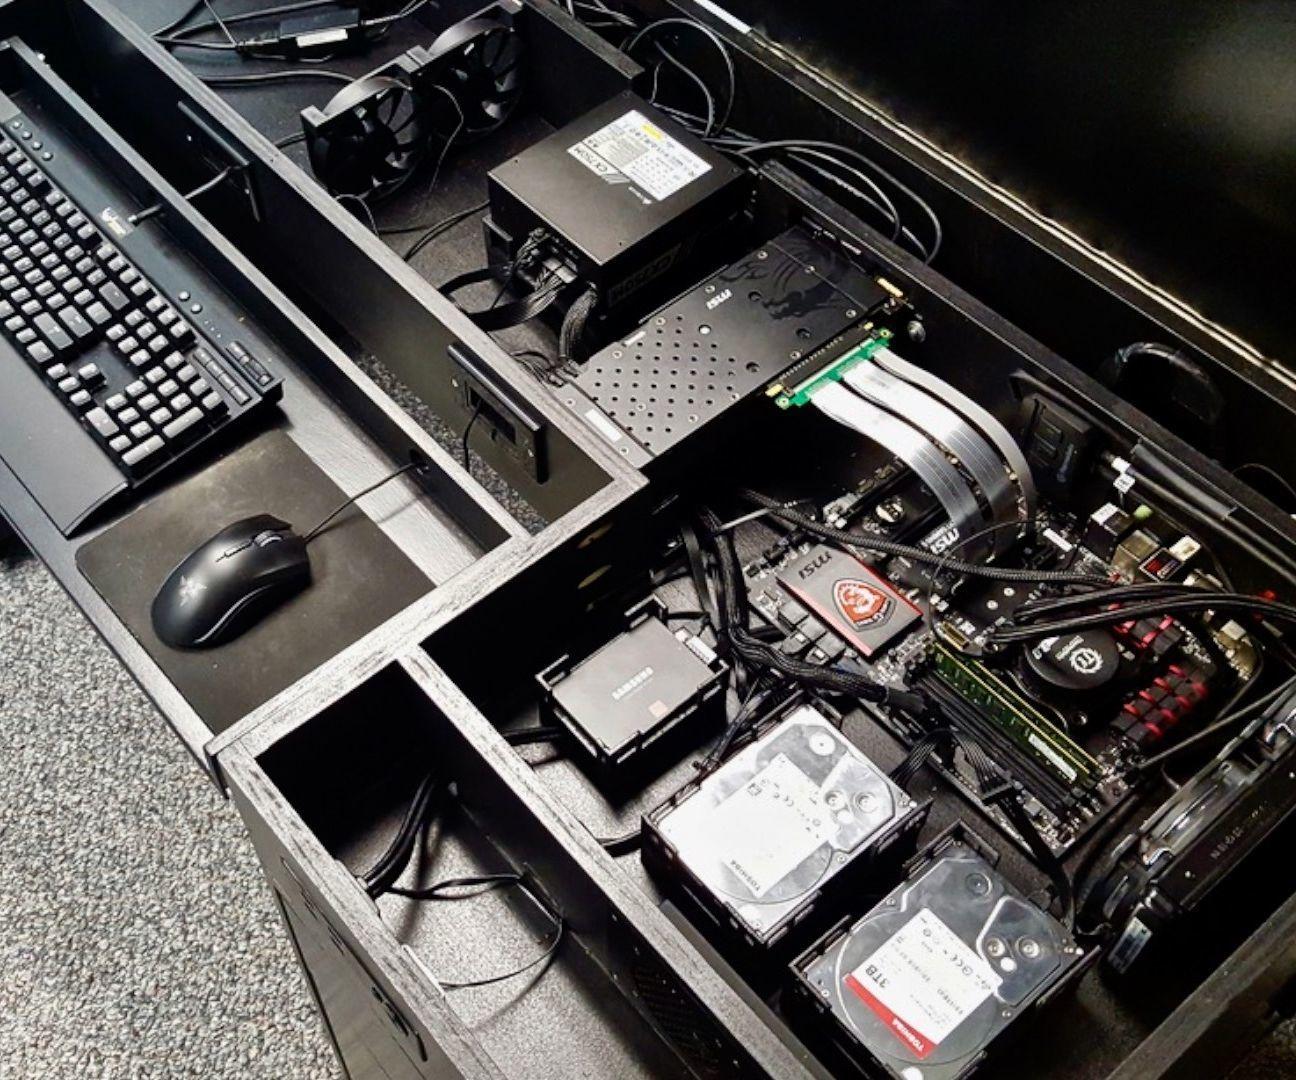 Building a Computer Desk  DIY Desk PC  Techno  Diy